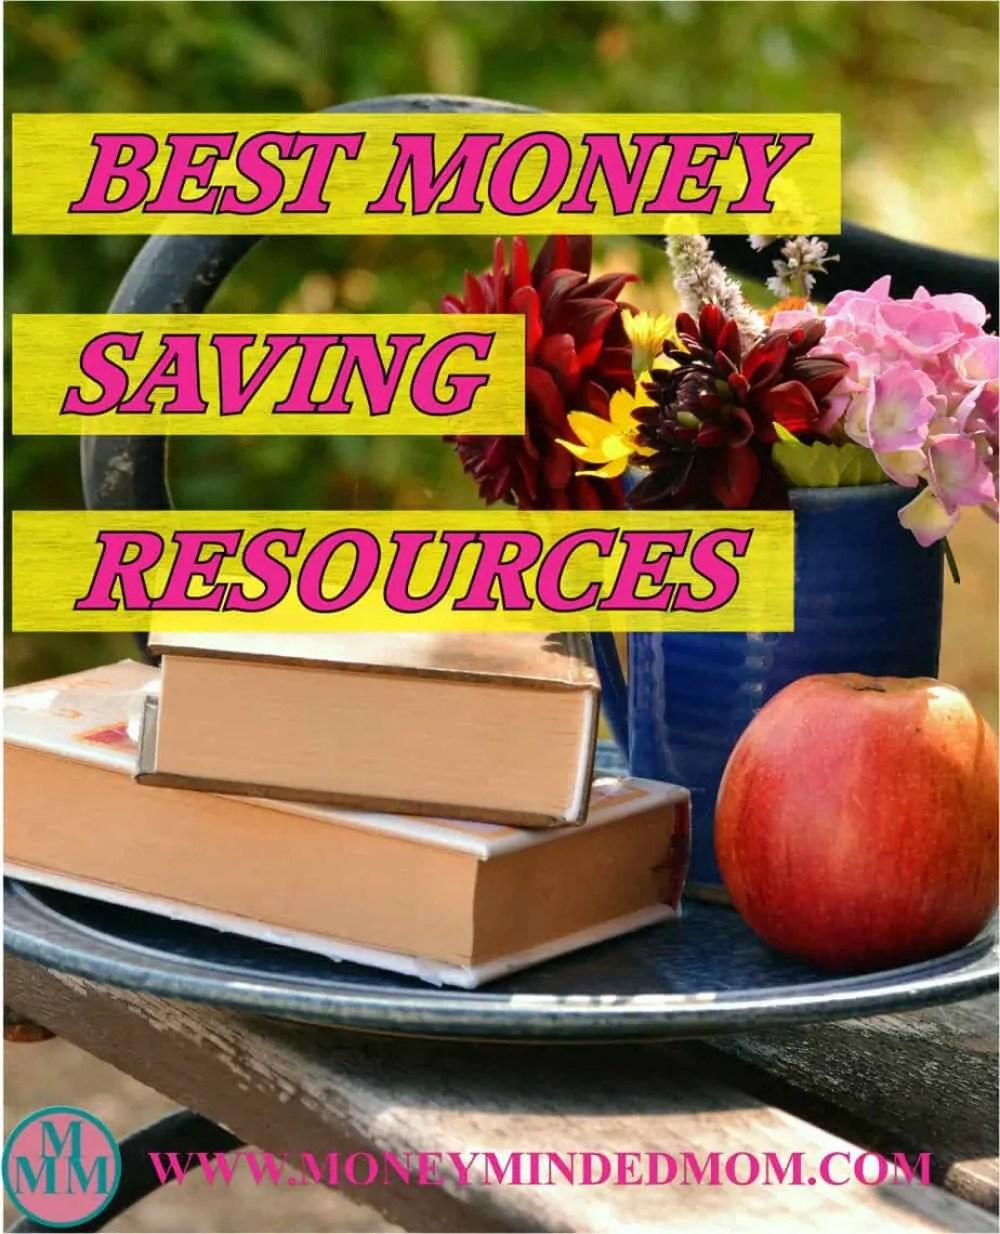 Best Money Saving Resources